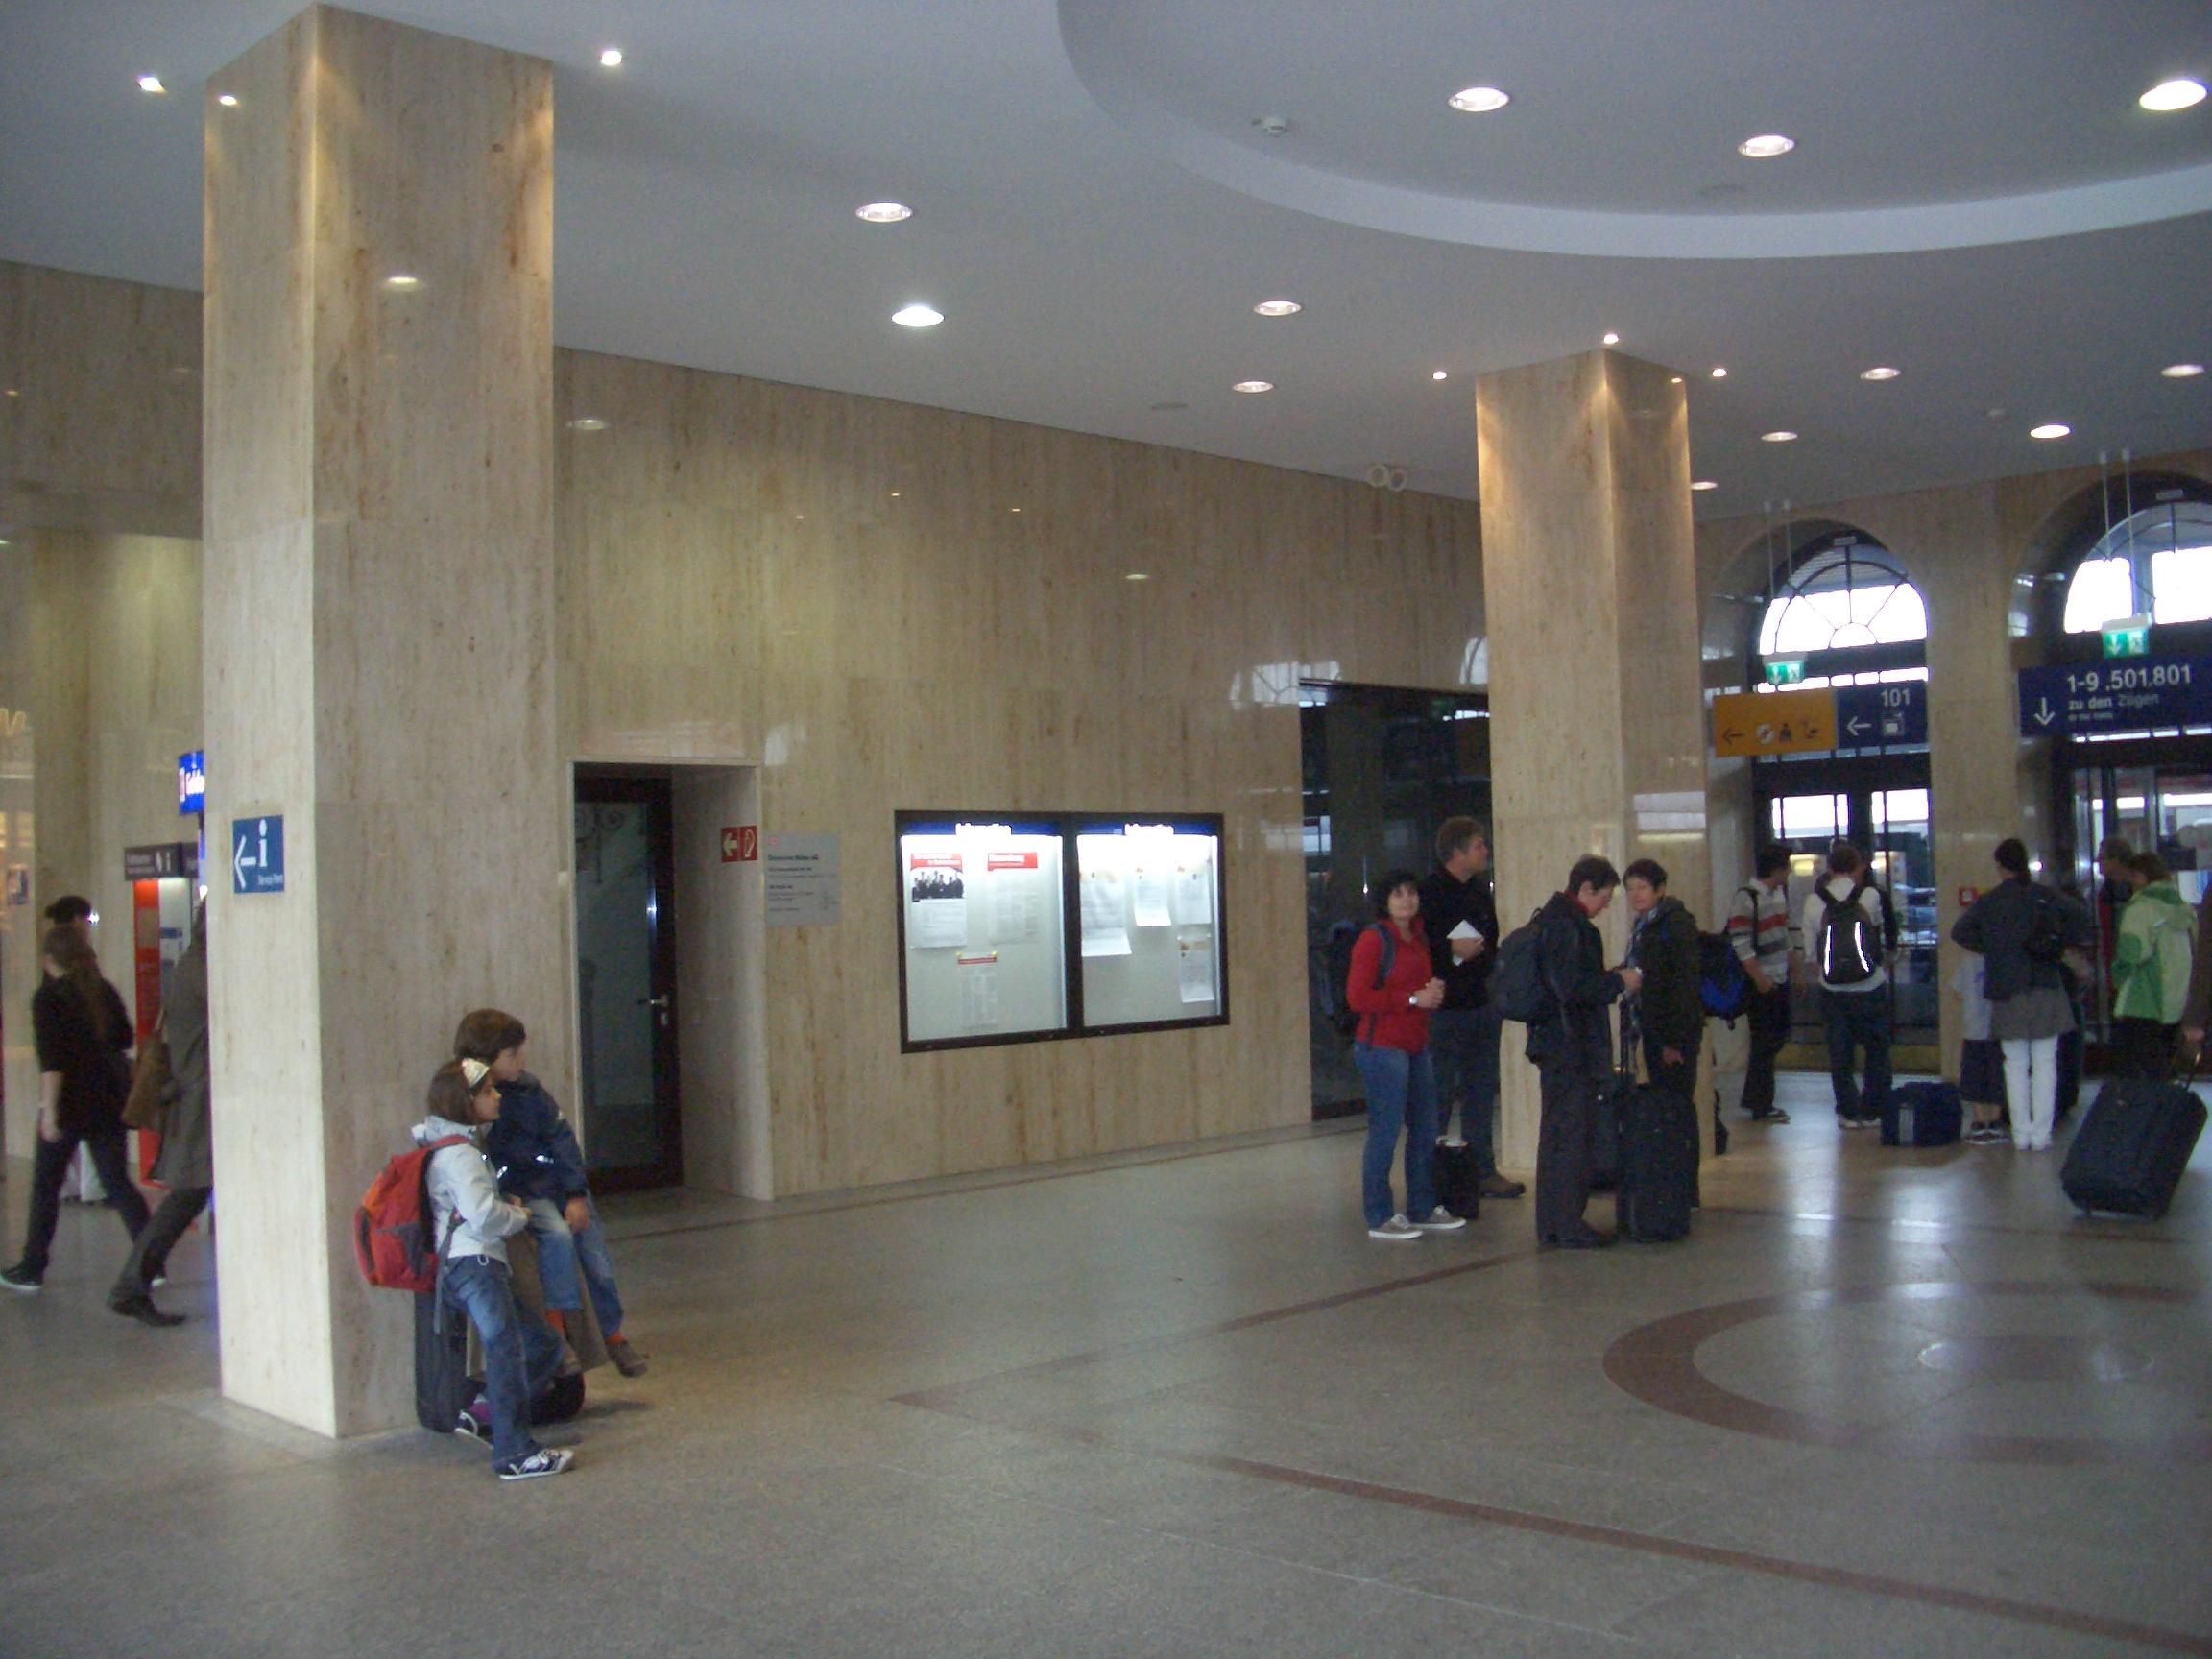 Alte Wartehalle jetzt im JURAMARMOR-Stil